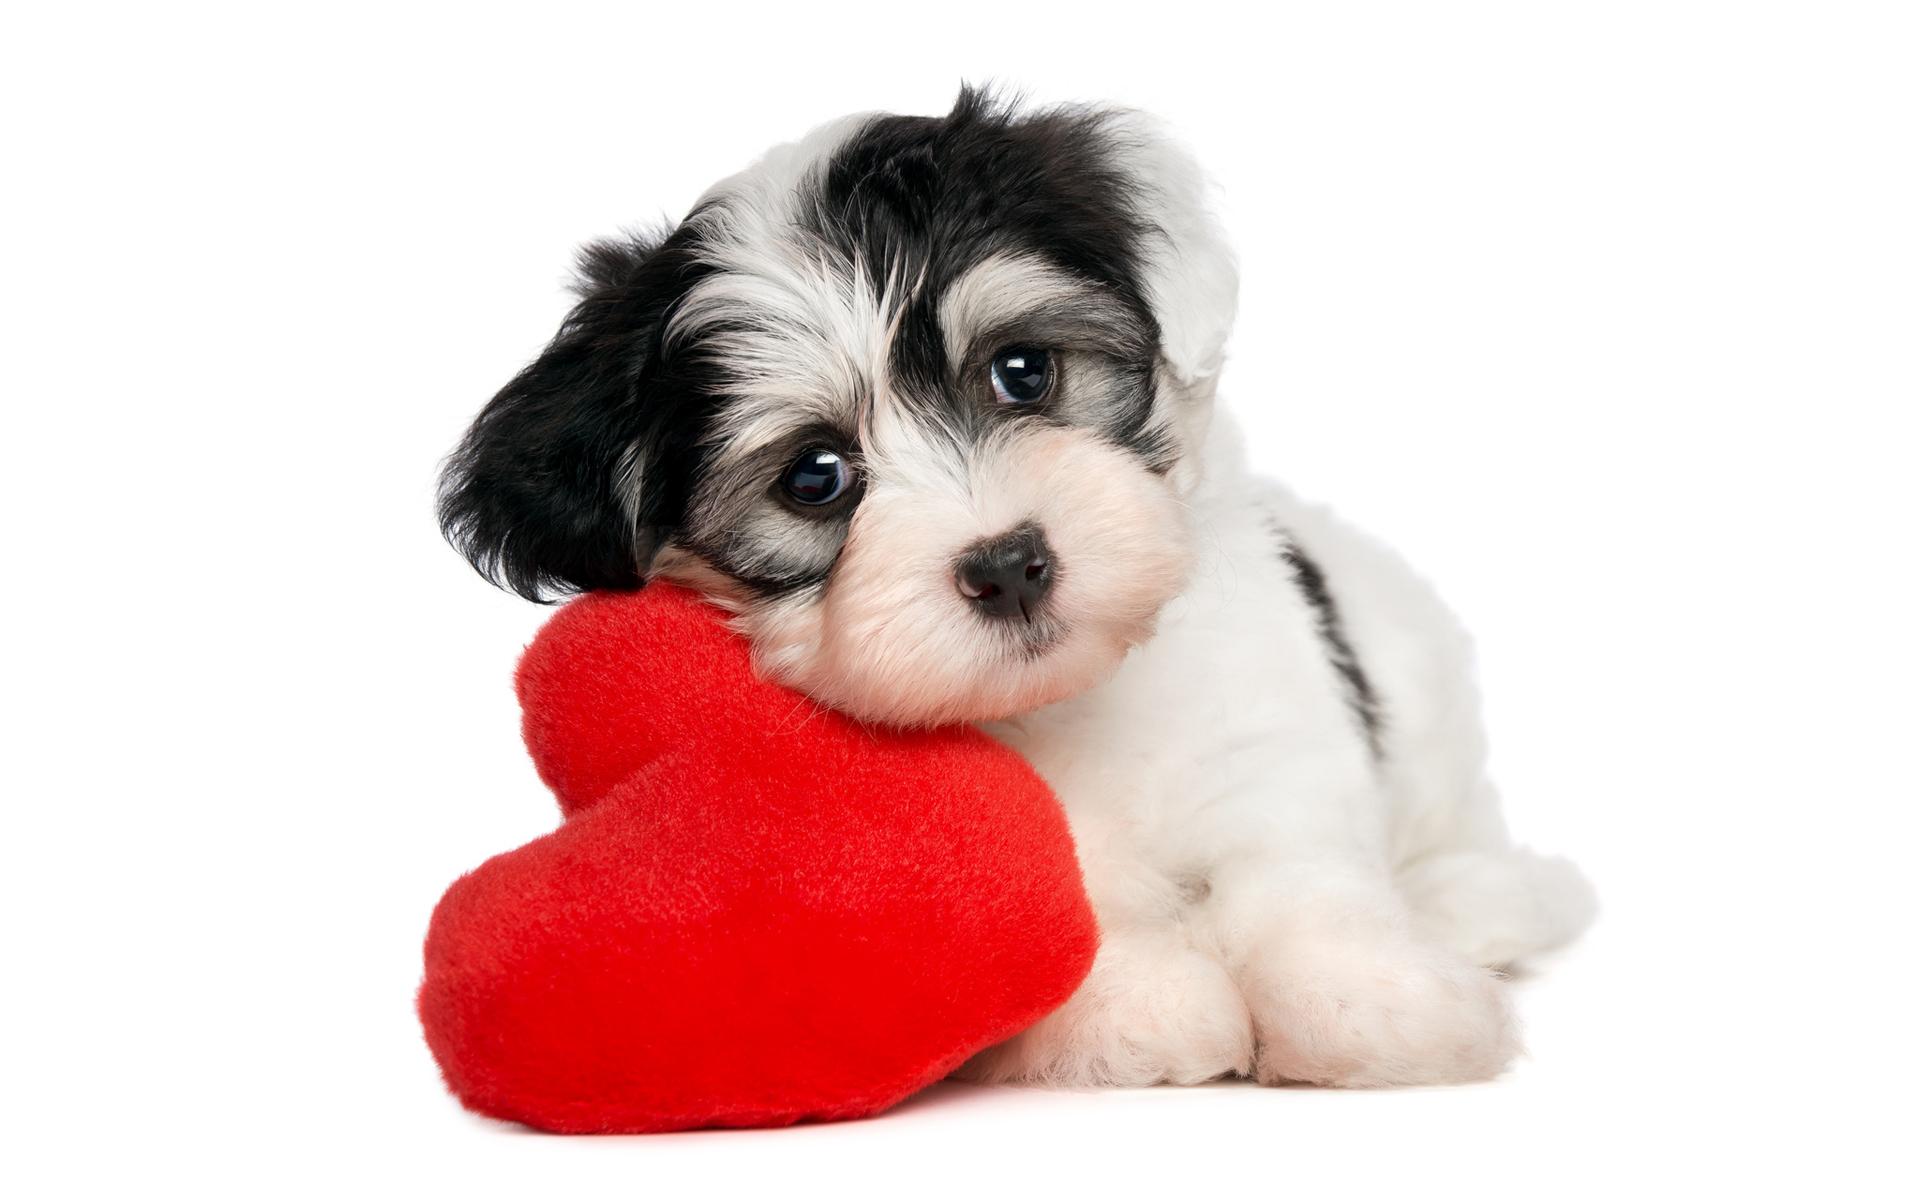 download wallpaper: puppie love wallpaper